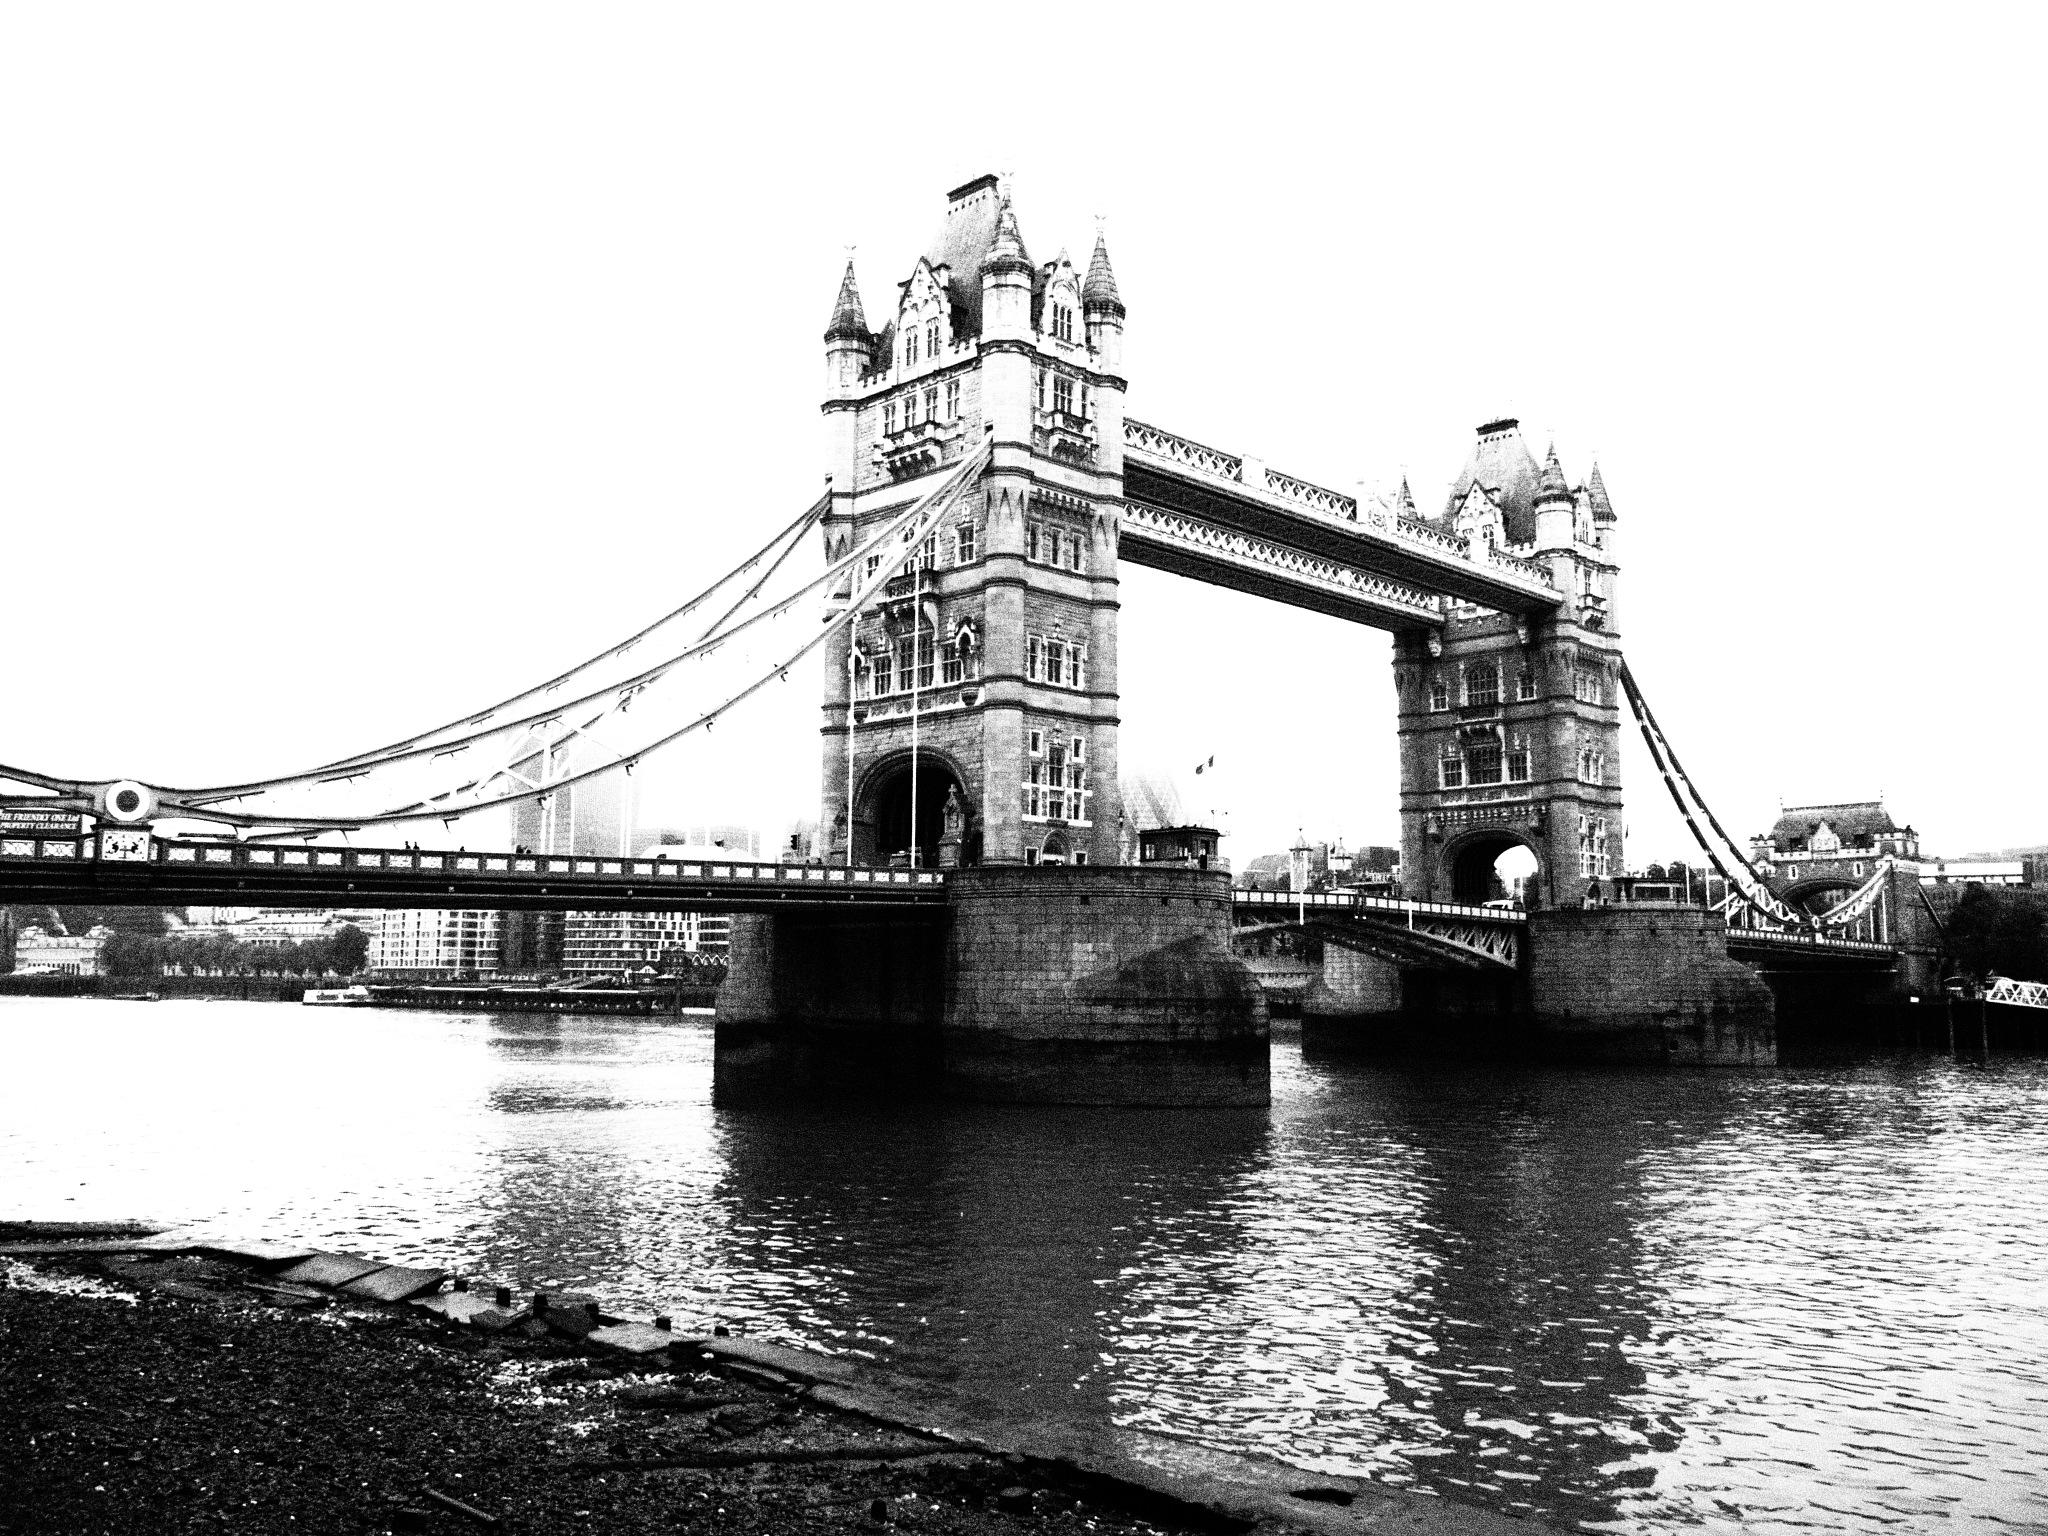 Ye Old London Bridge by Thomas Peck